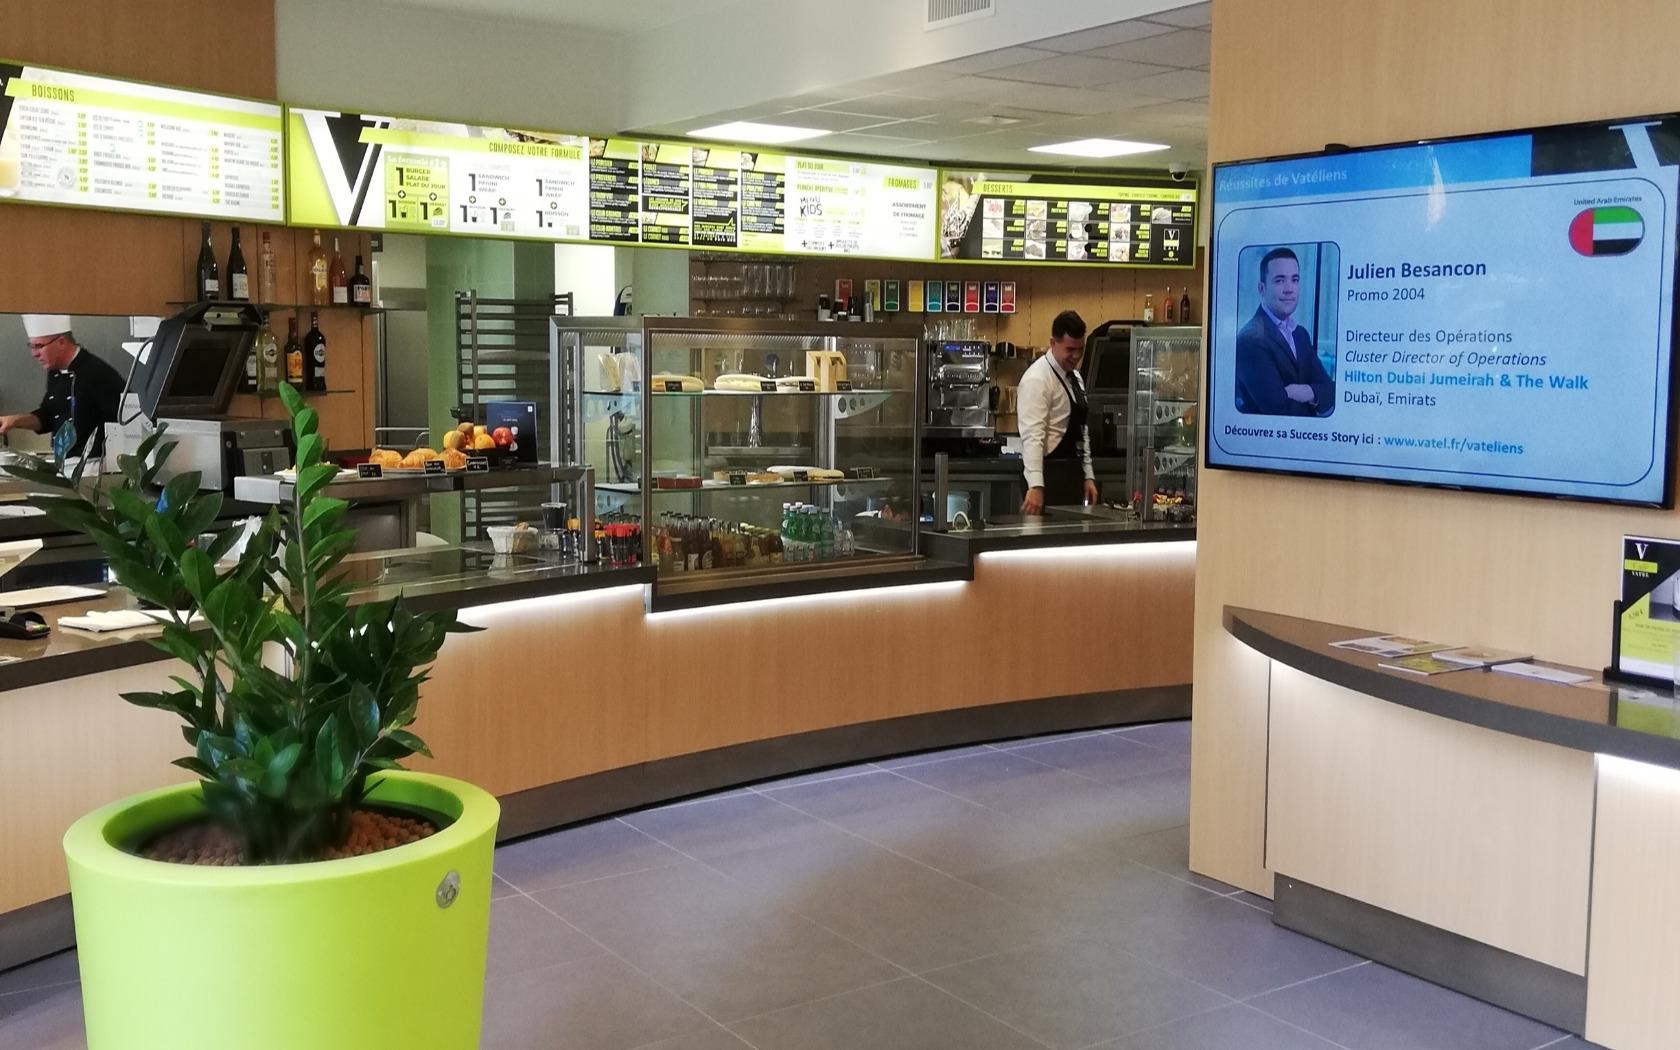 Cafe Vatel - 5bf3dd86f1819_nantes.jpg